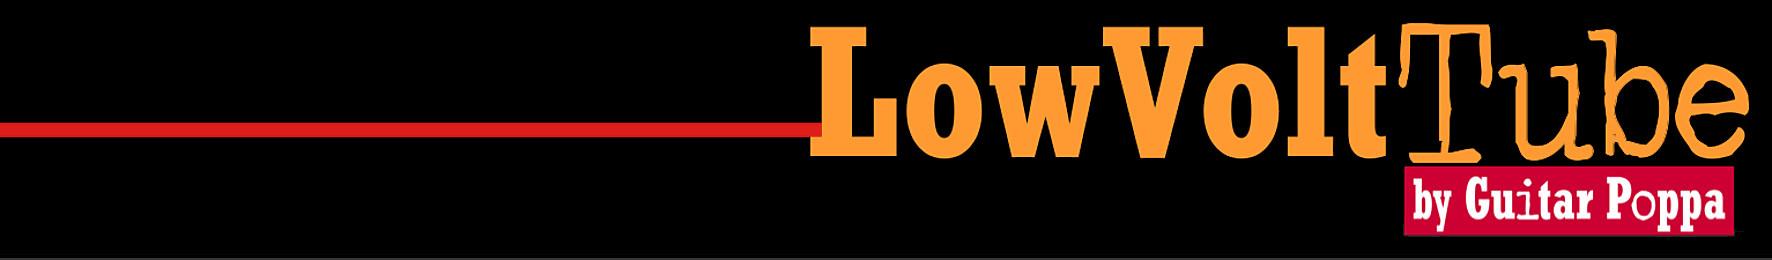 LowVoltTube preamp/overdrive - Logo